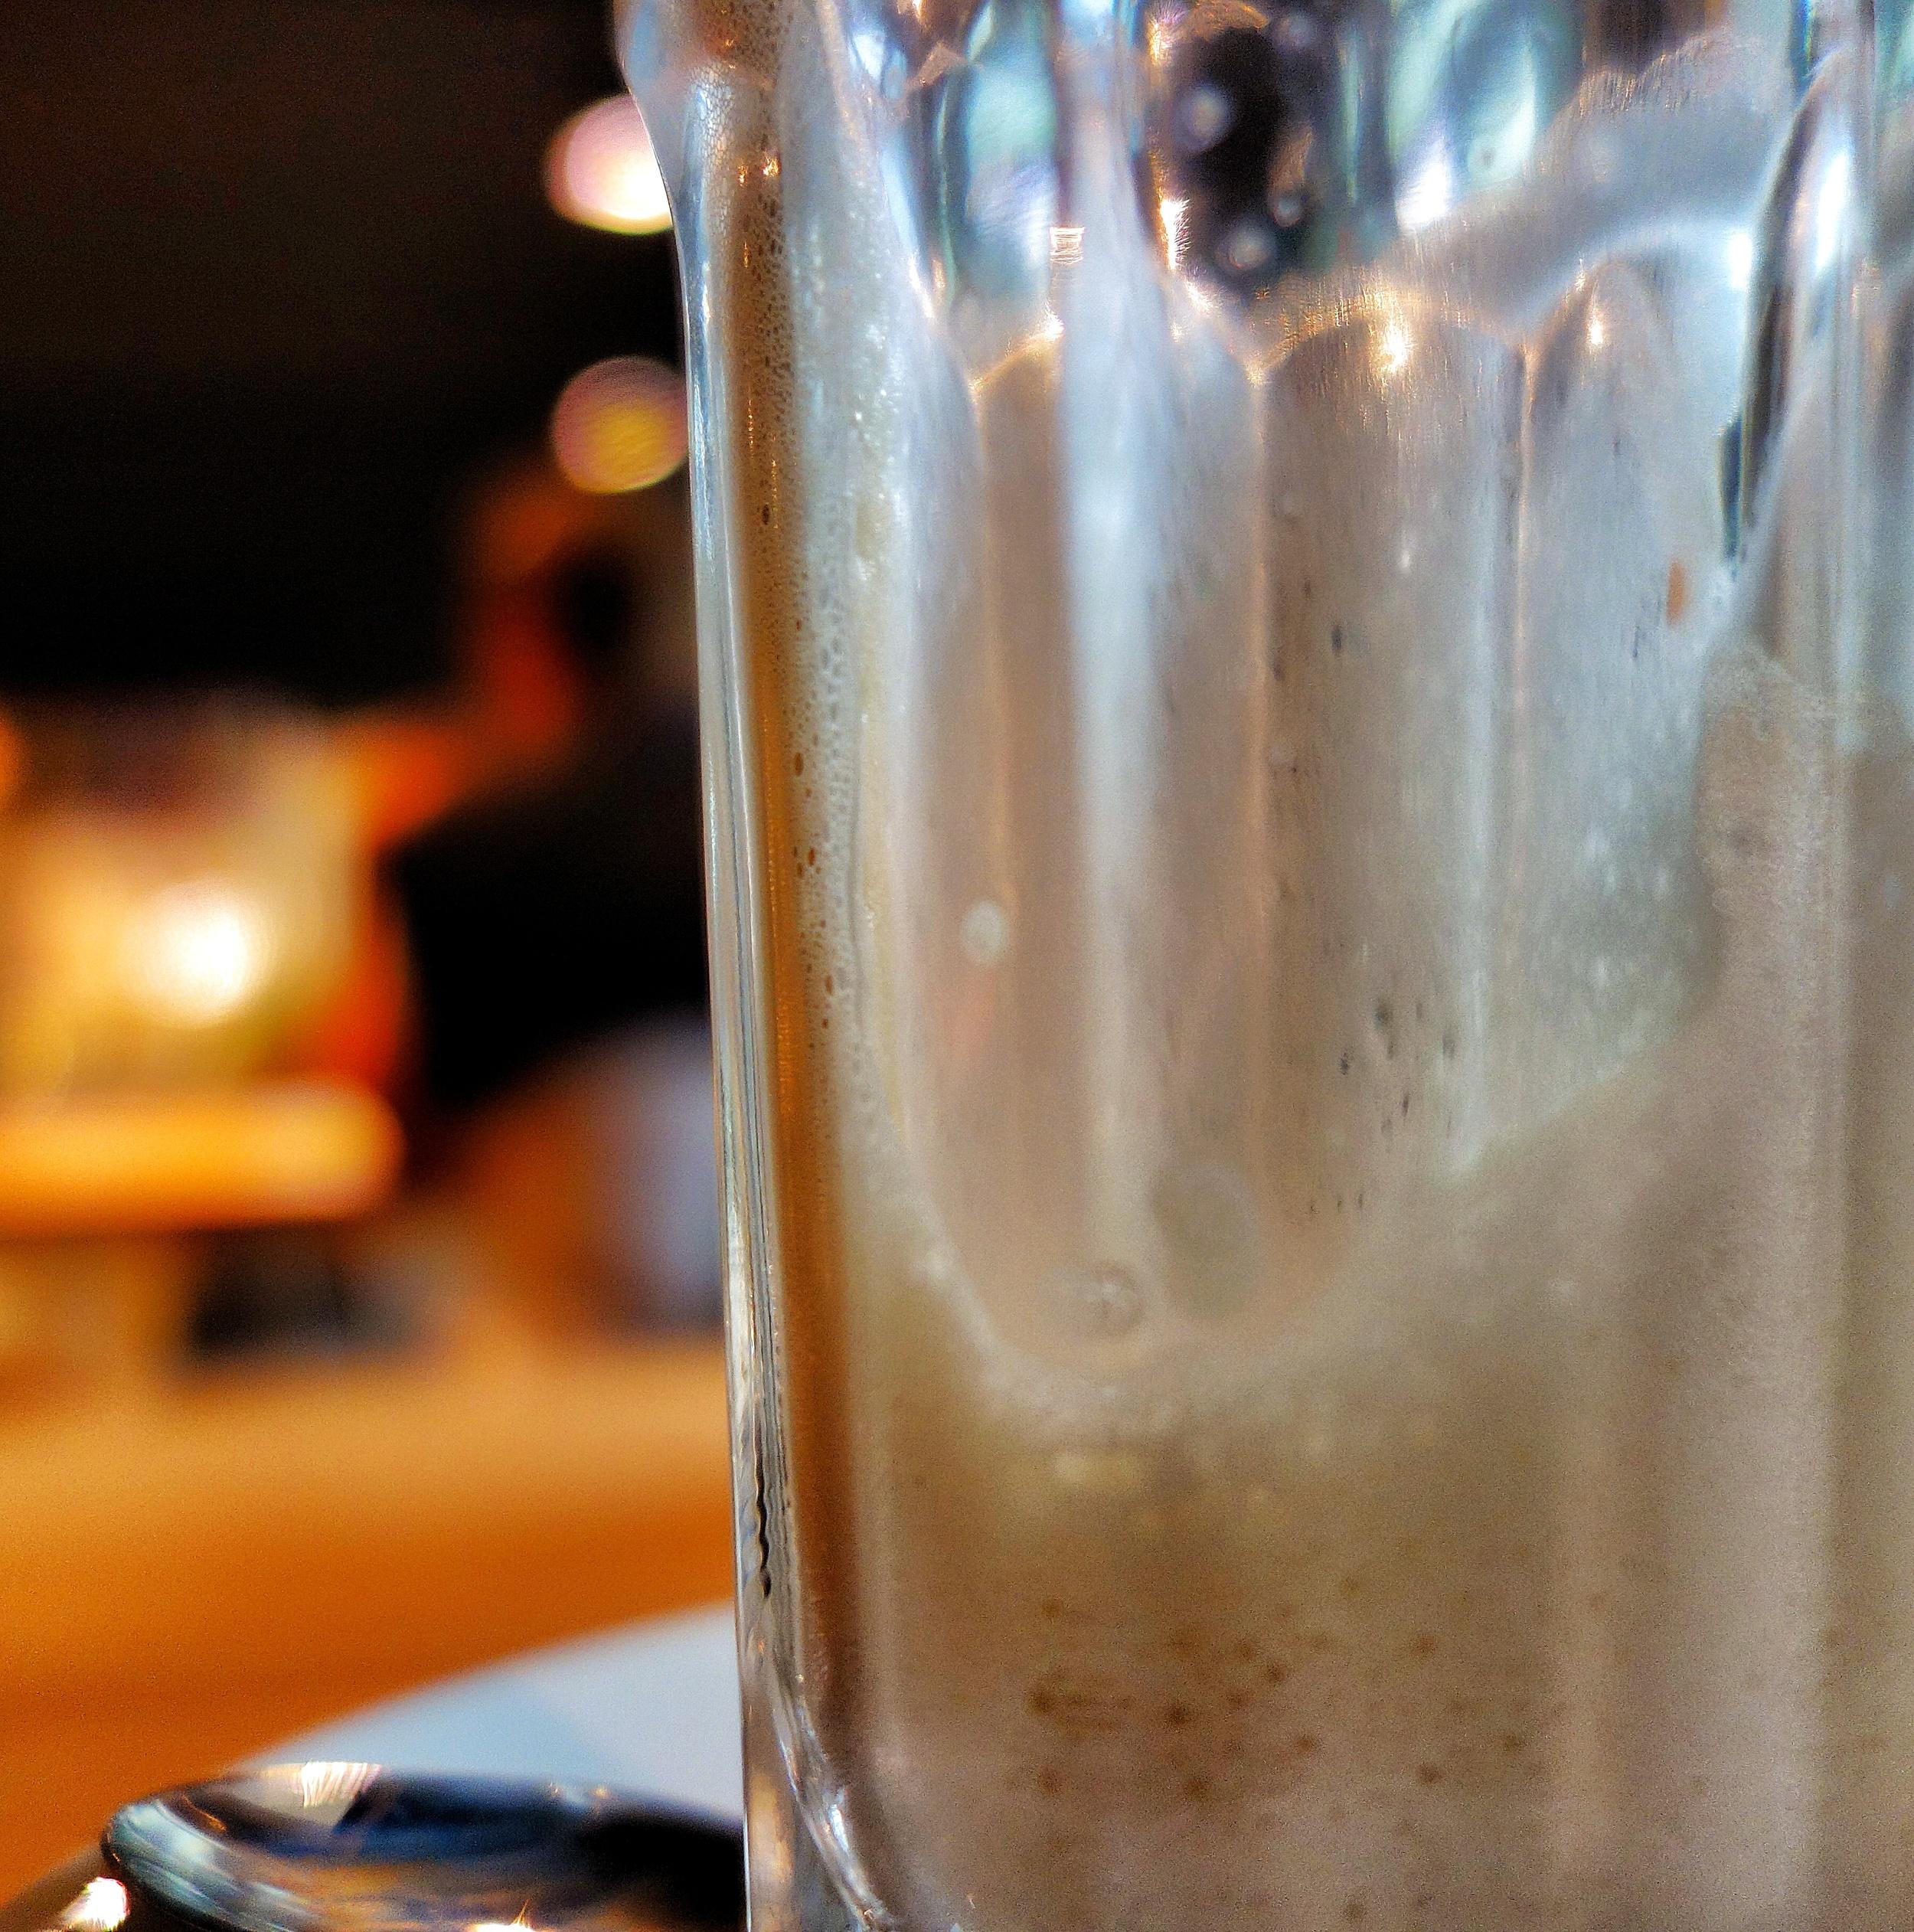 Frankfurt Latte Macchiato